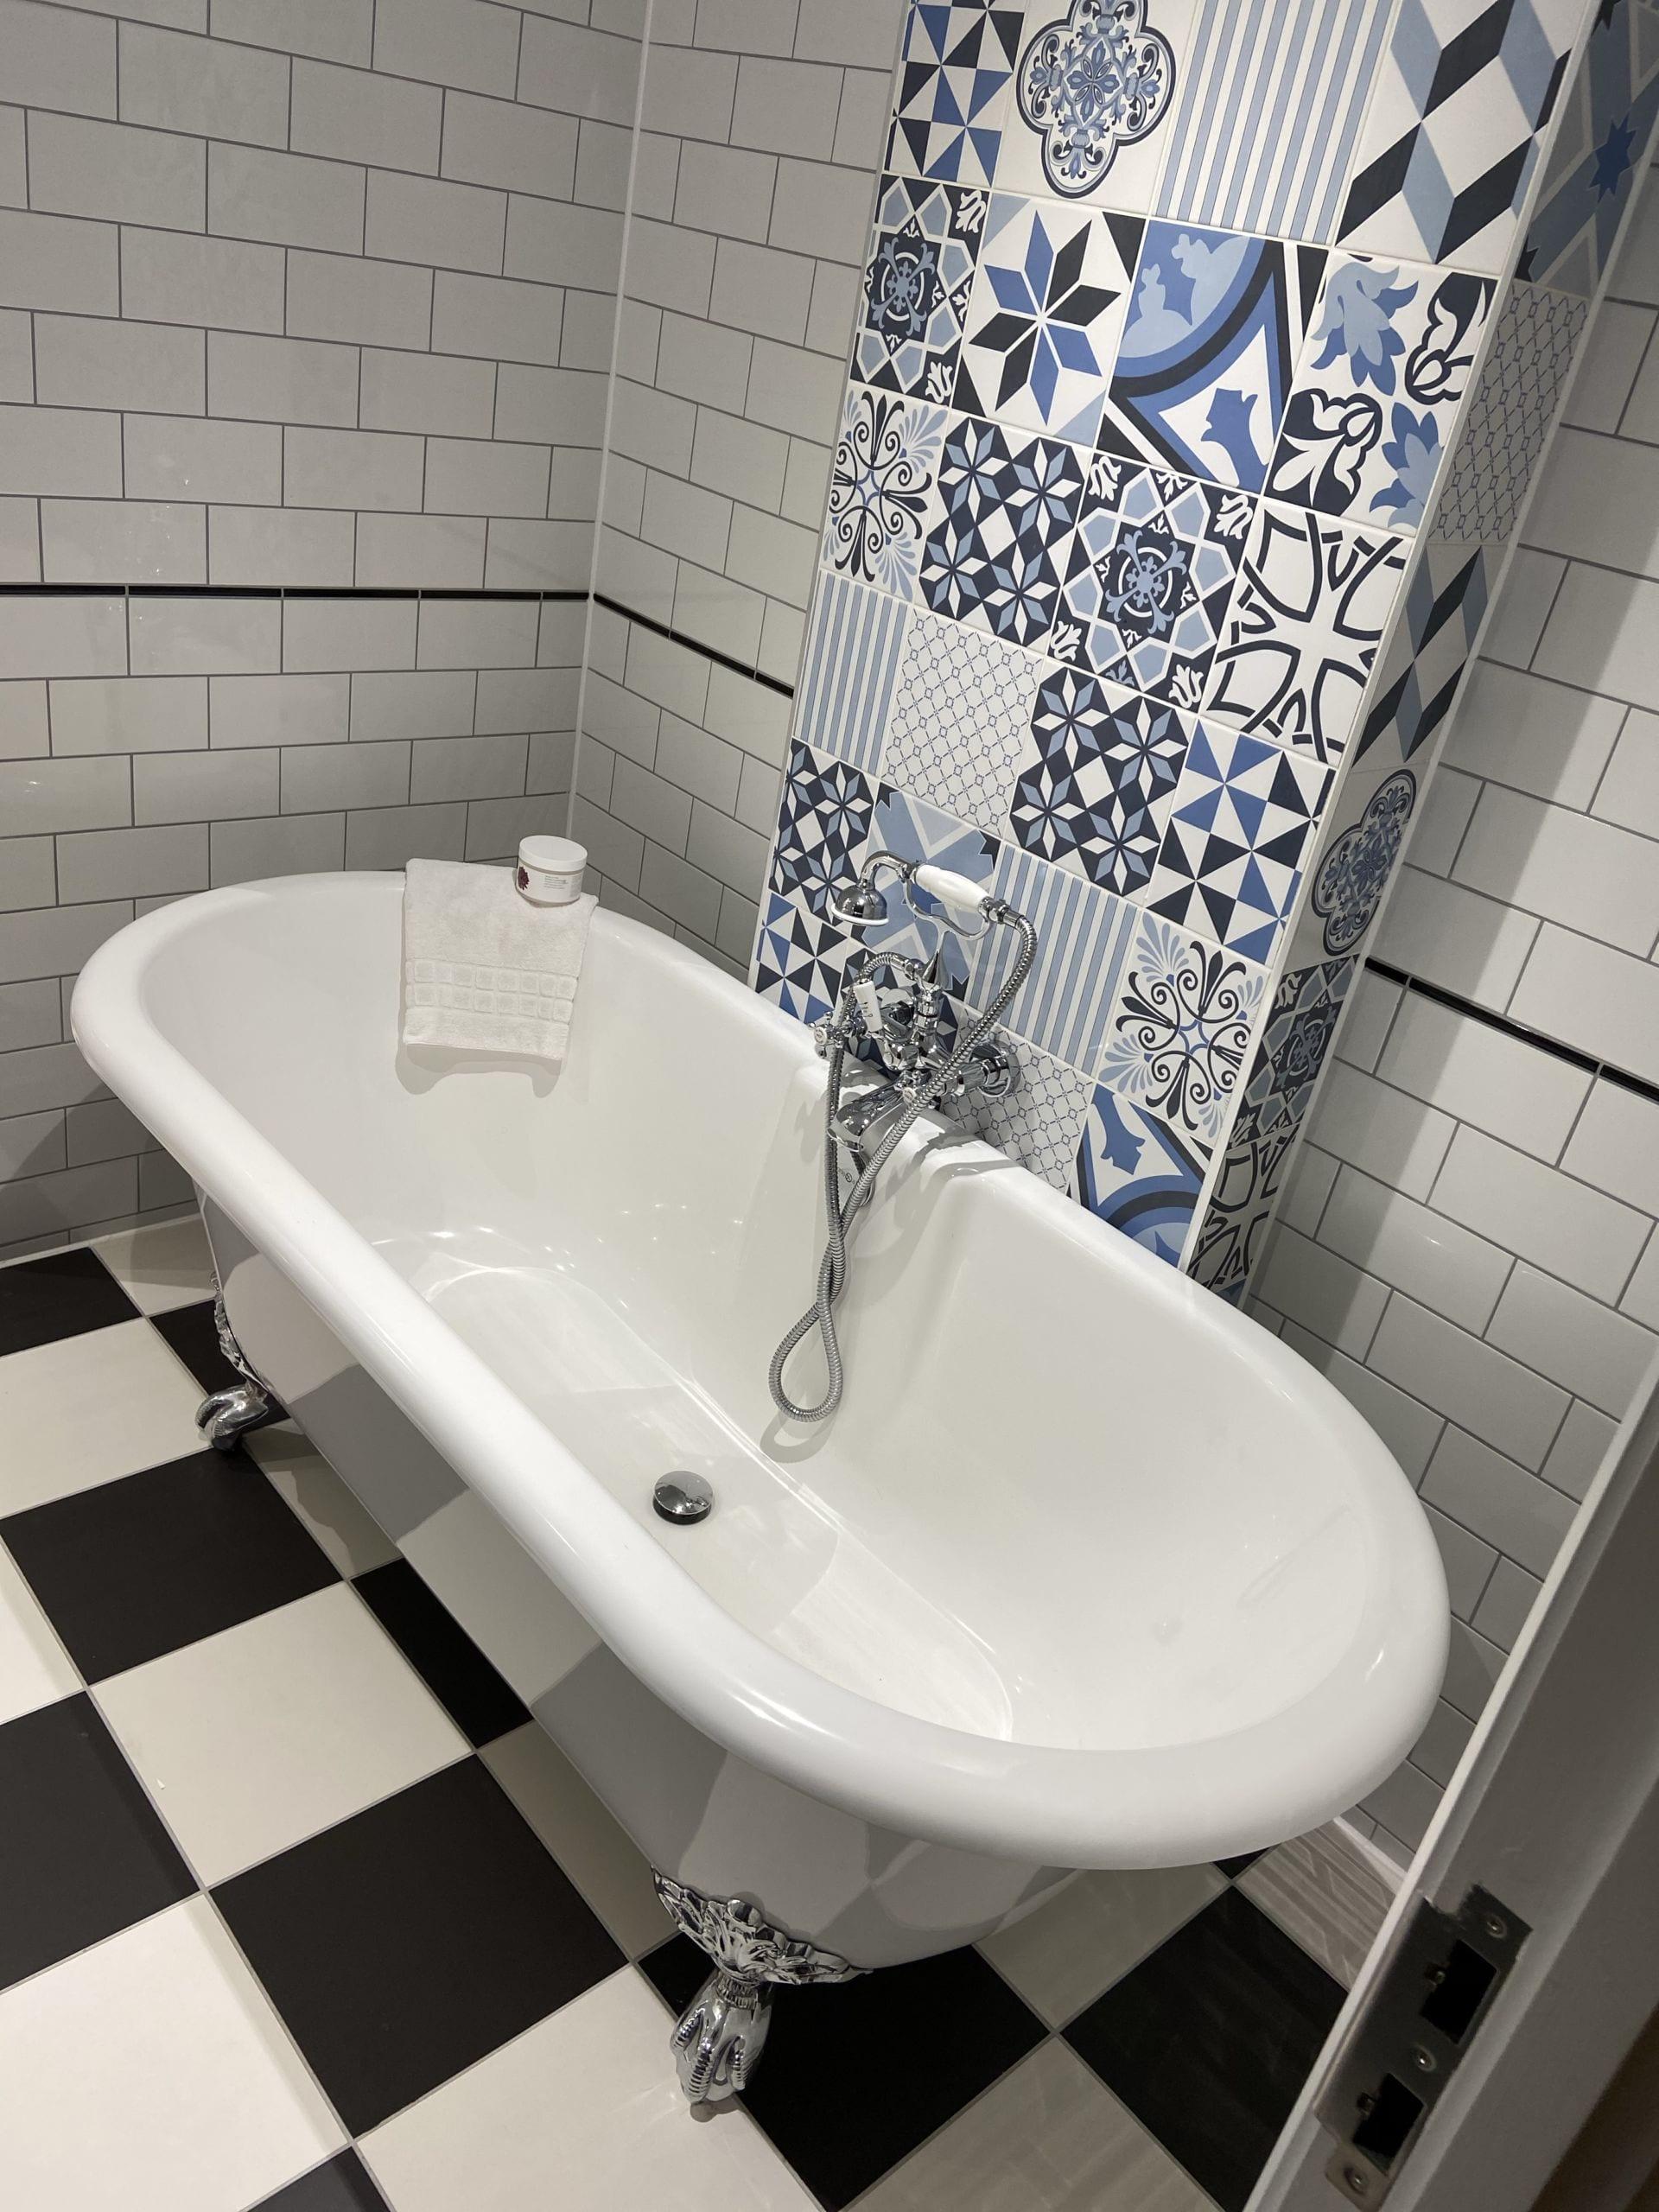 Bathroom with modern tiles